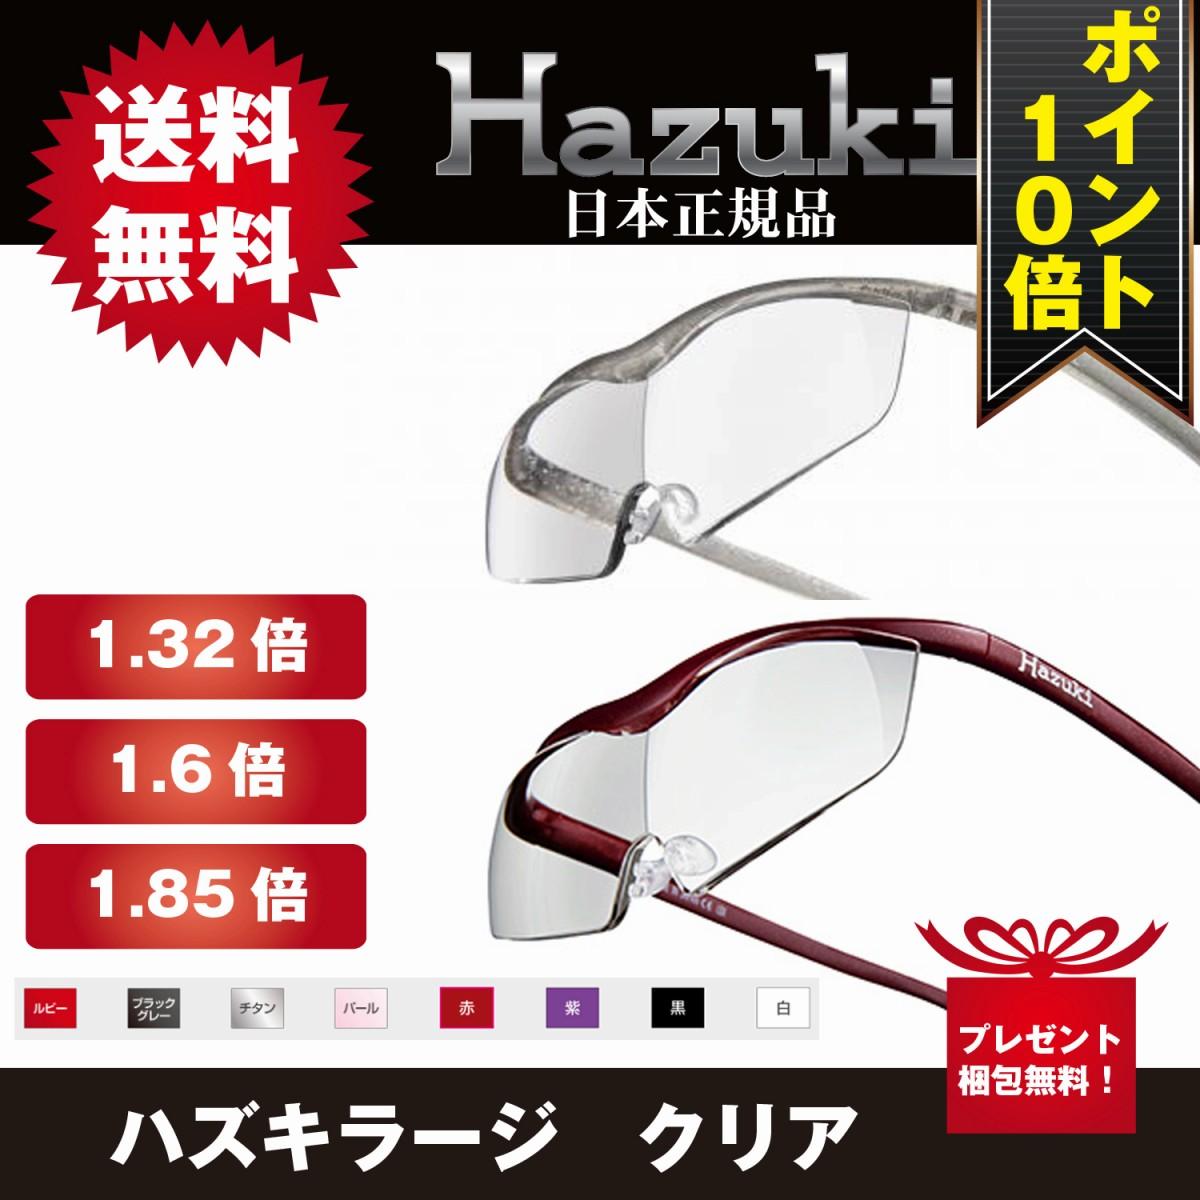 ハズキルーペ ラージ クリア 1.32倍 1.6倍 1.85倍拡大鏡 ルーペ ハズキ 老眼鏡 Hazuki メガネタイプ 虫眼鏡 プリヴェAG 正規品